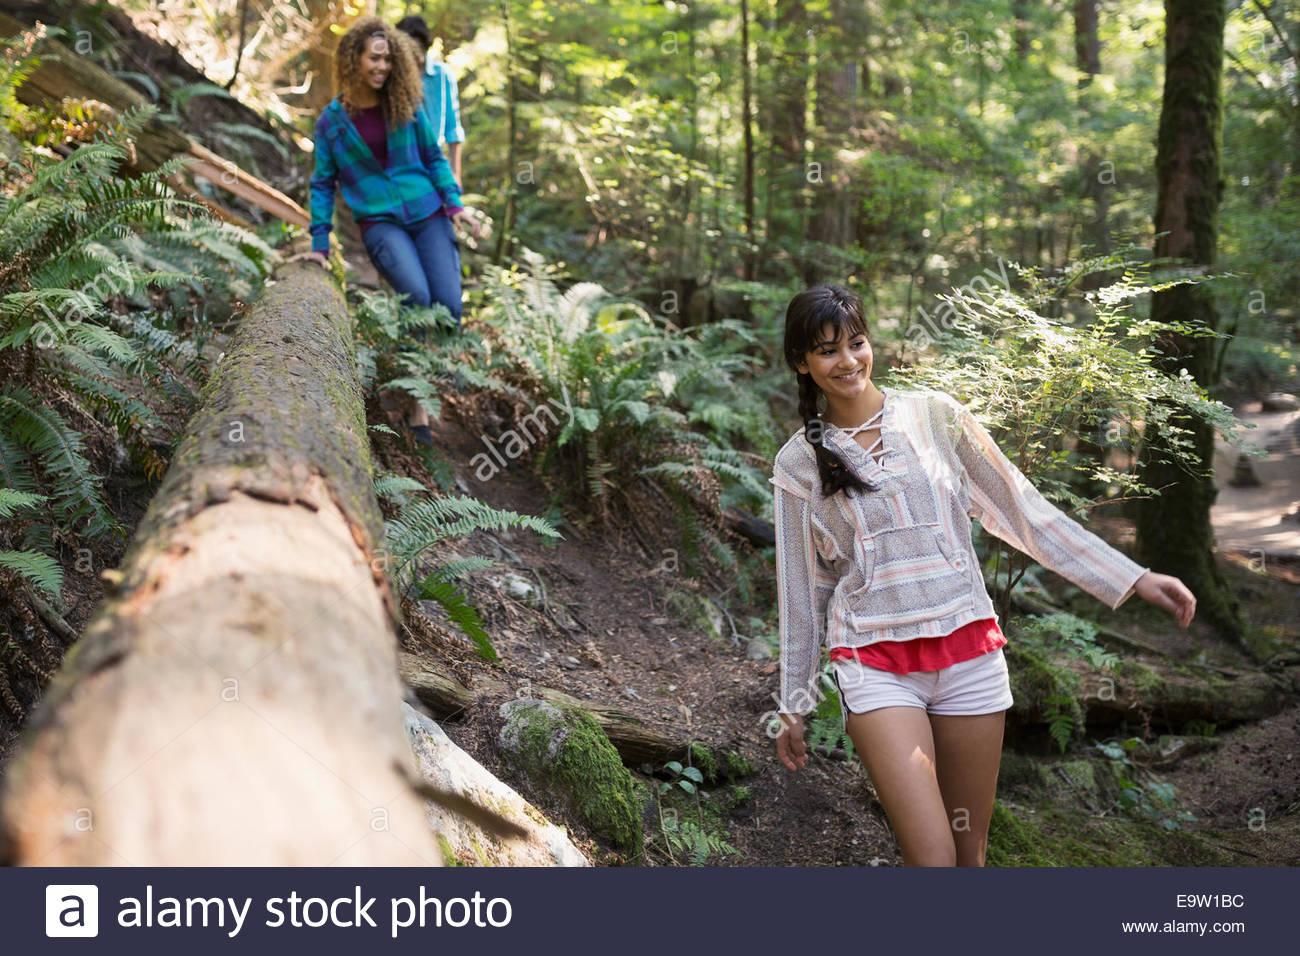 Friends walking in woods - Stock Image